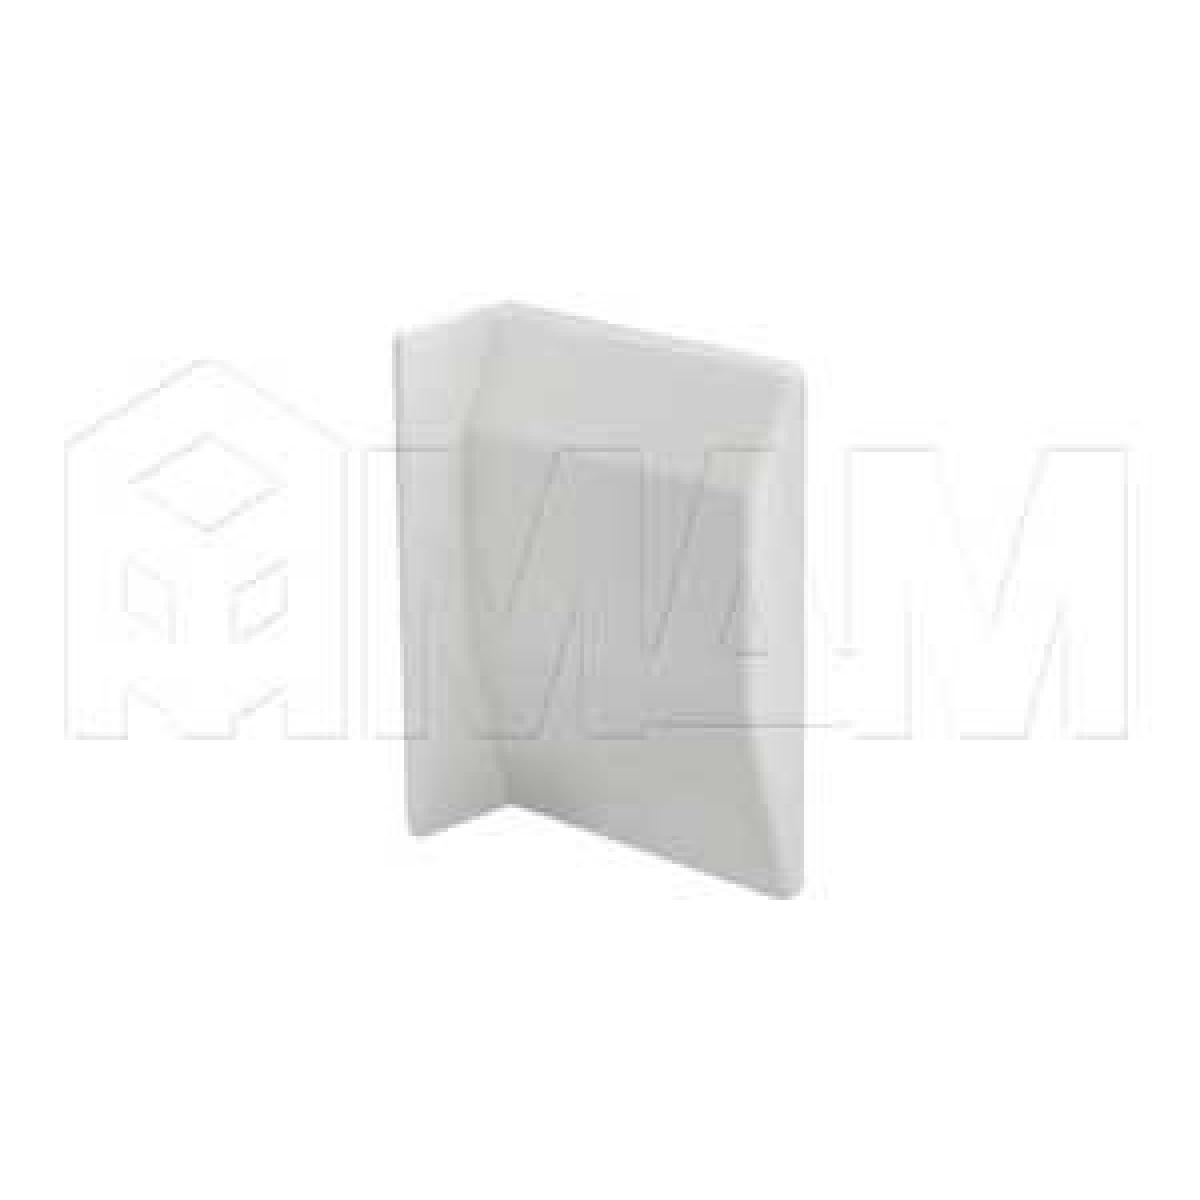 807 Заглушка для мебельного навеса, пластик, белая, правая